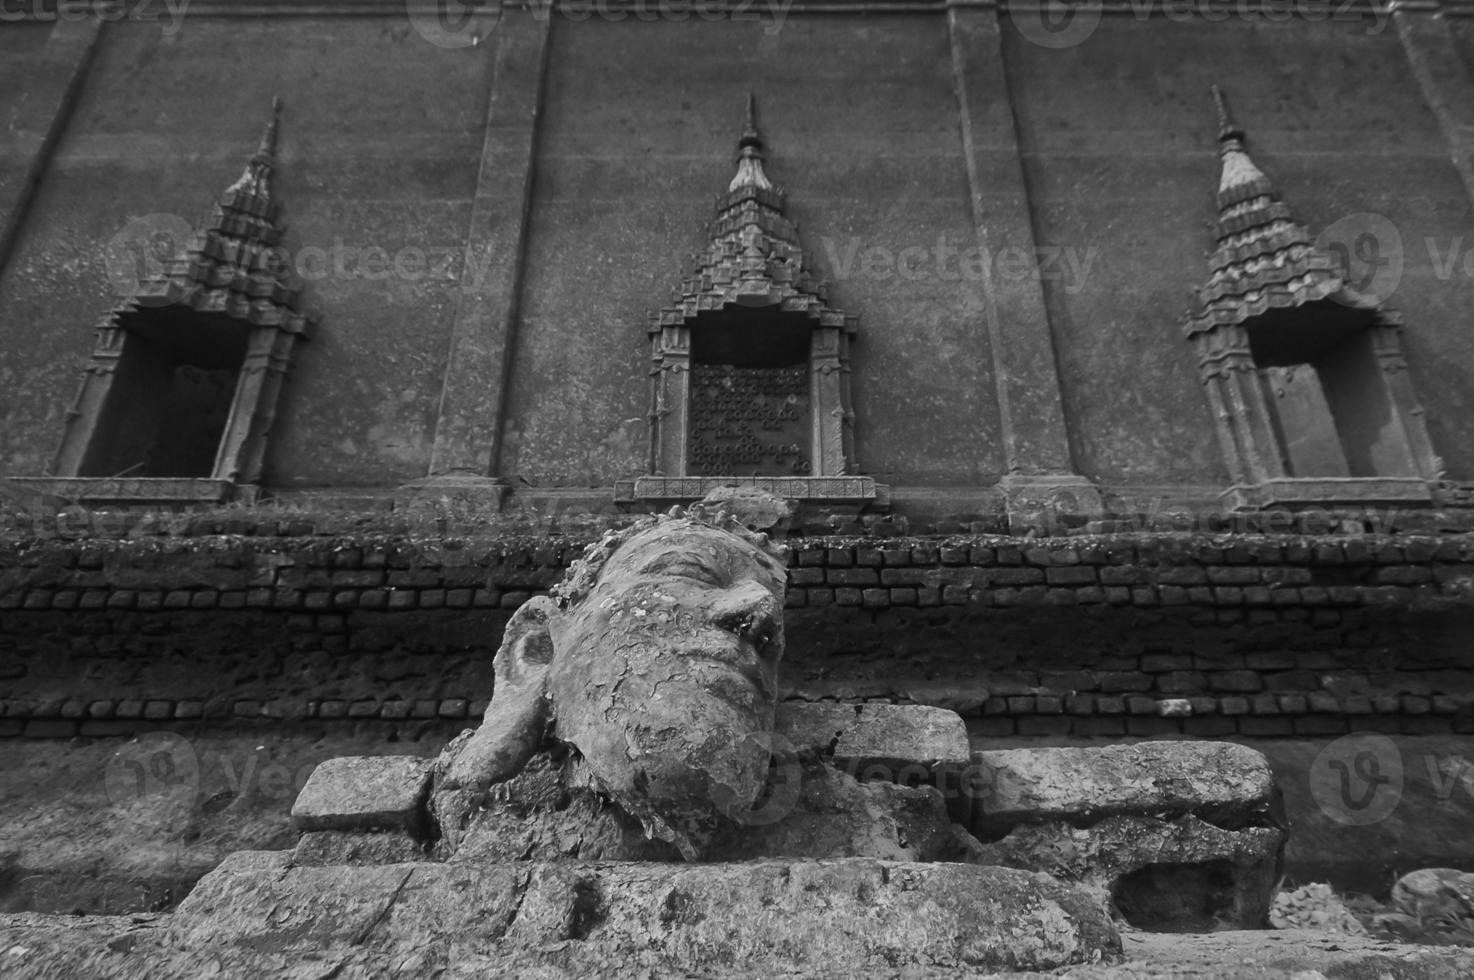 oude Boeddha hoofd standbeeld ruïne van onderwater tempel foto